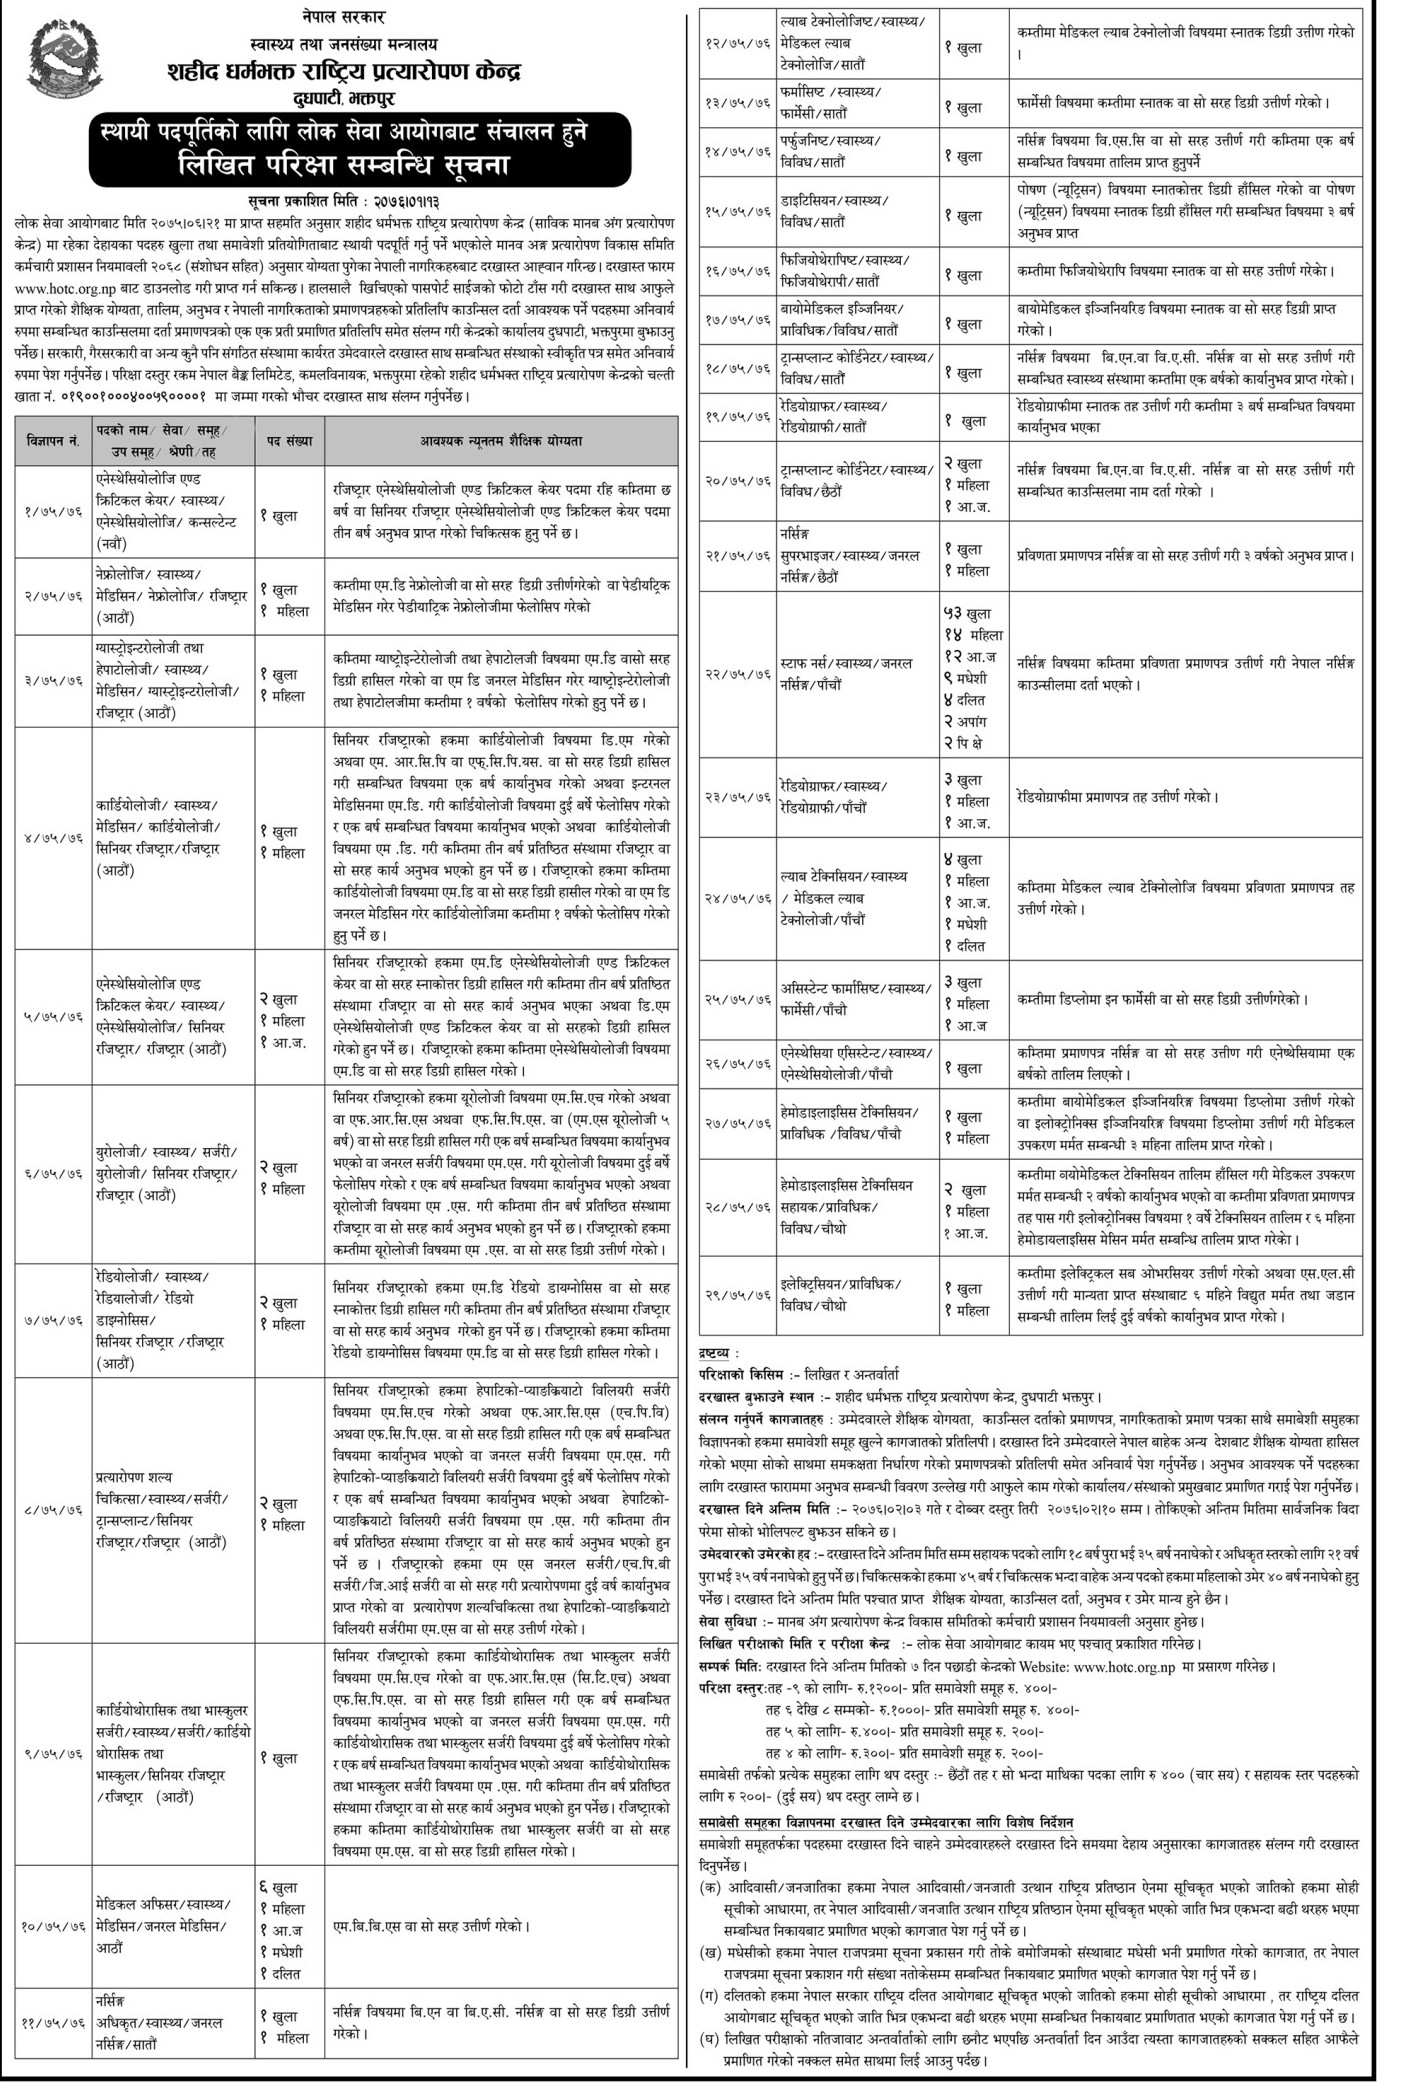 शहीद धर्मभक्त राष्ट्रिय प्रत्यारोपण केन्द्रले माग्यो विभिन्न २९ पदमा स्थायी कर्मचारी (सूचनासहित)